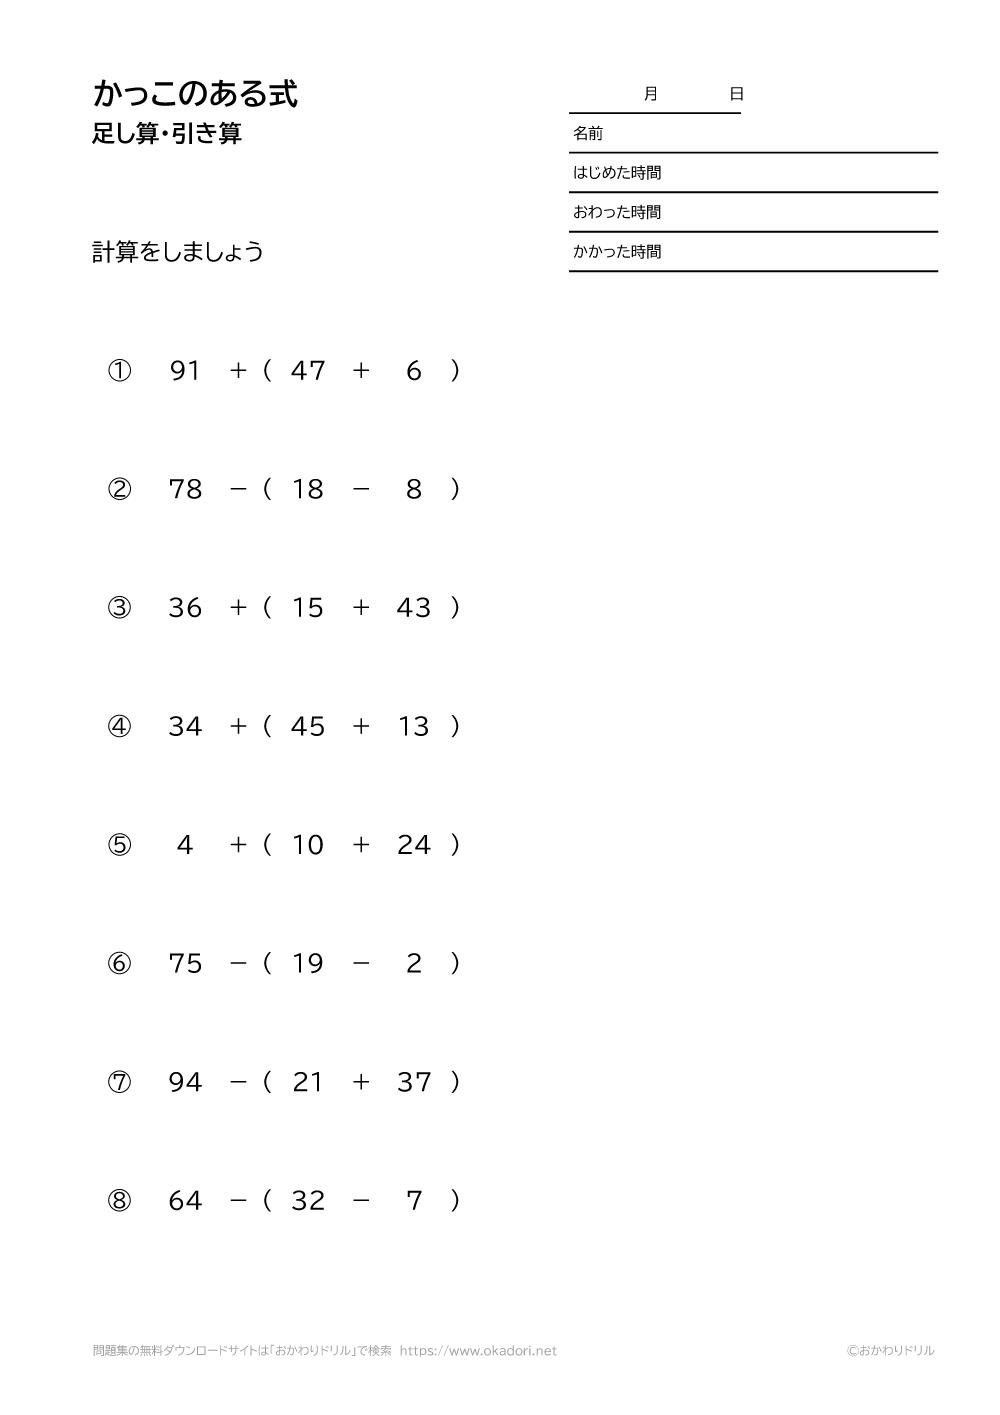 かっこのある式-足し算・引き算-2